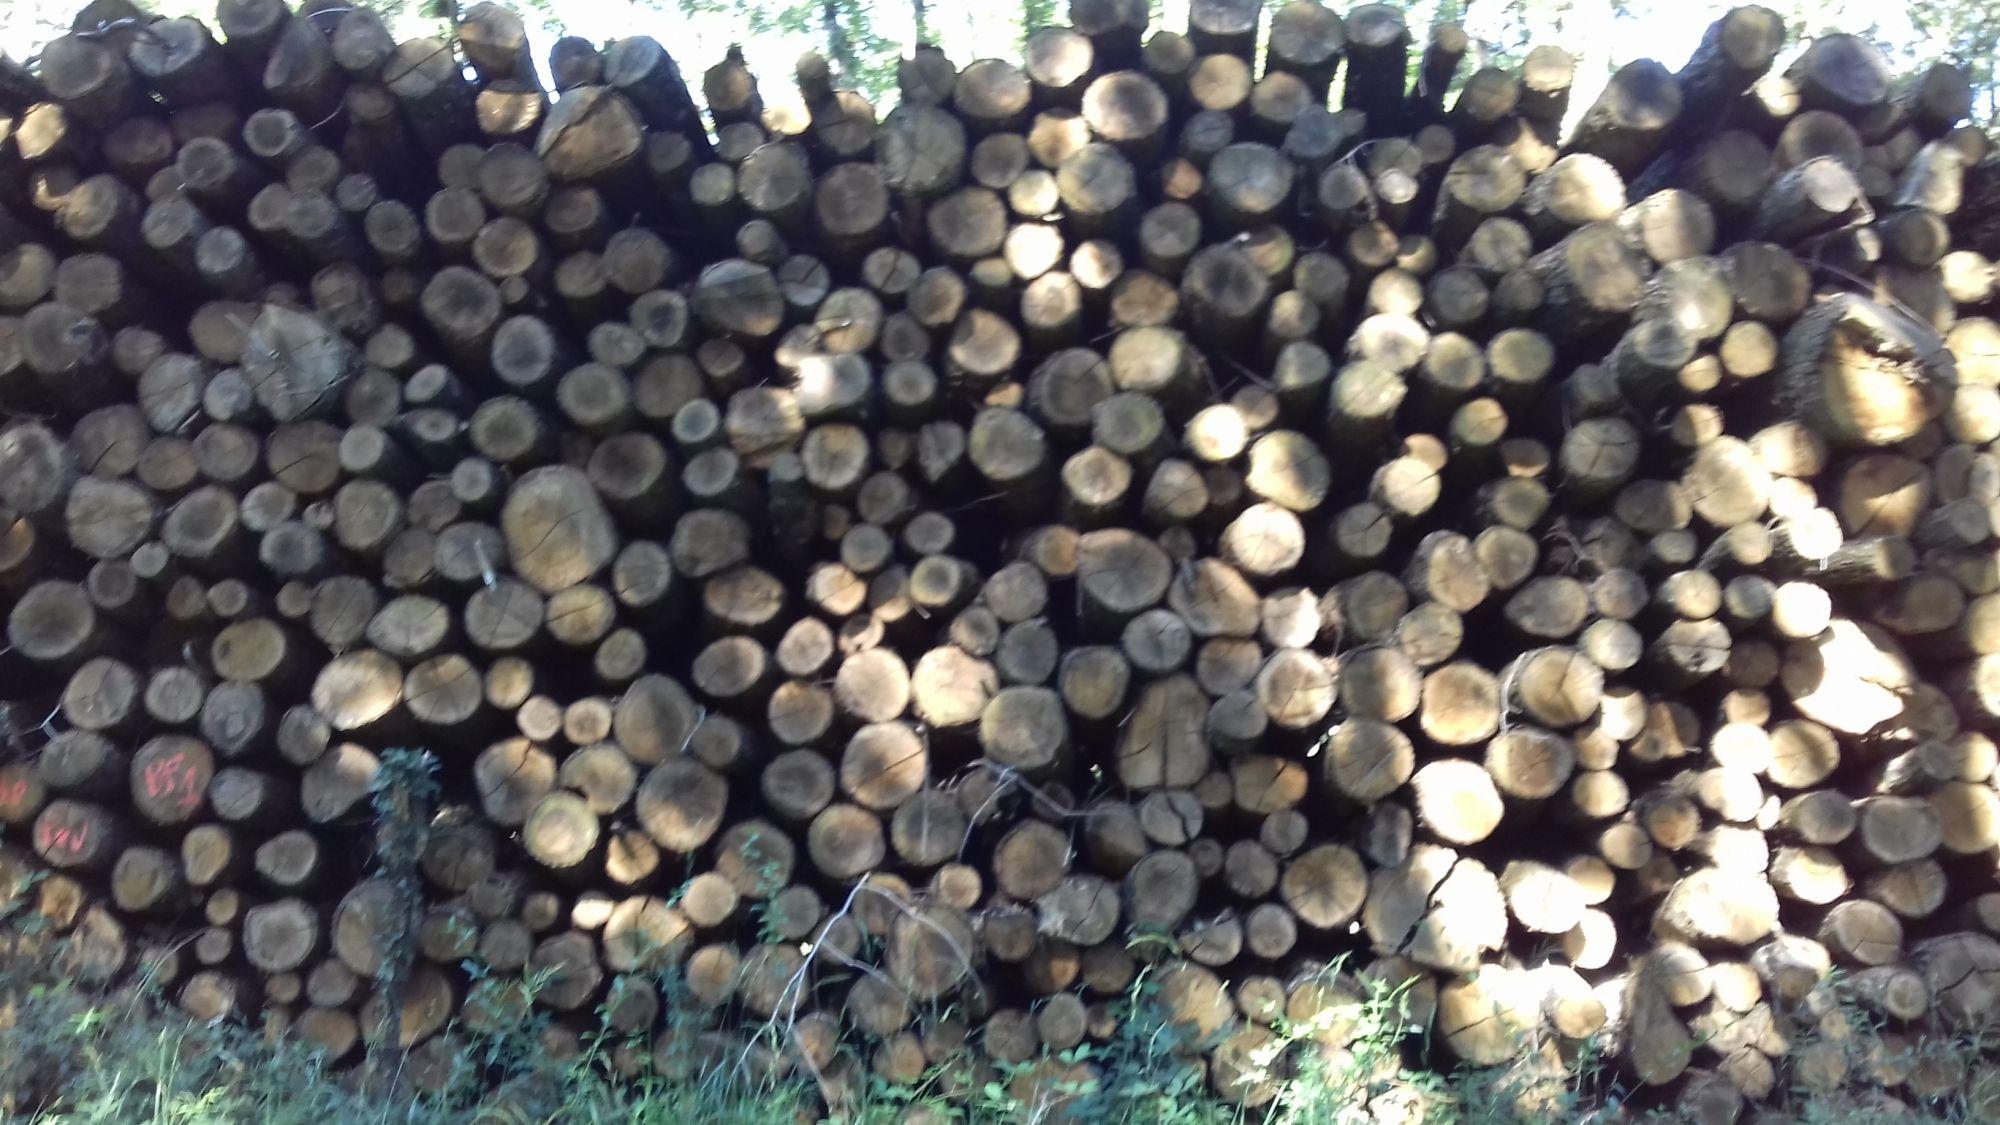 bois de chauffage 09site internet pour revendeur de combustible bois dans l'Ariège